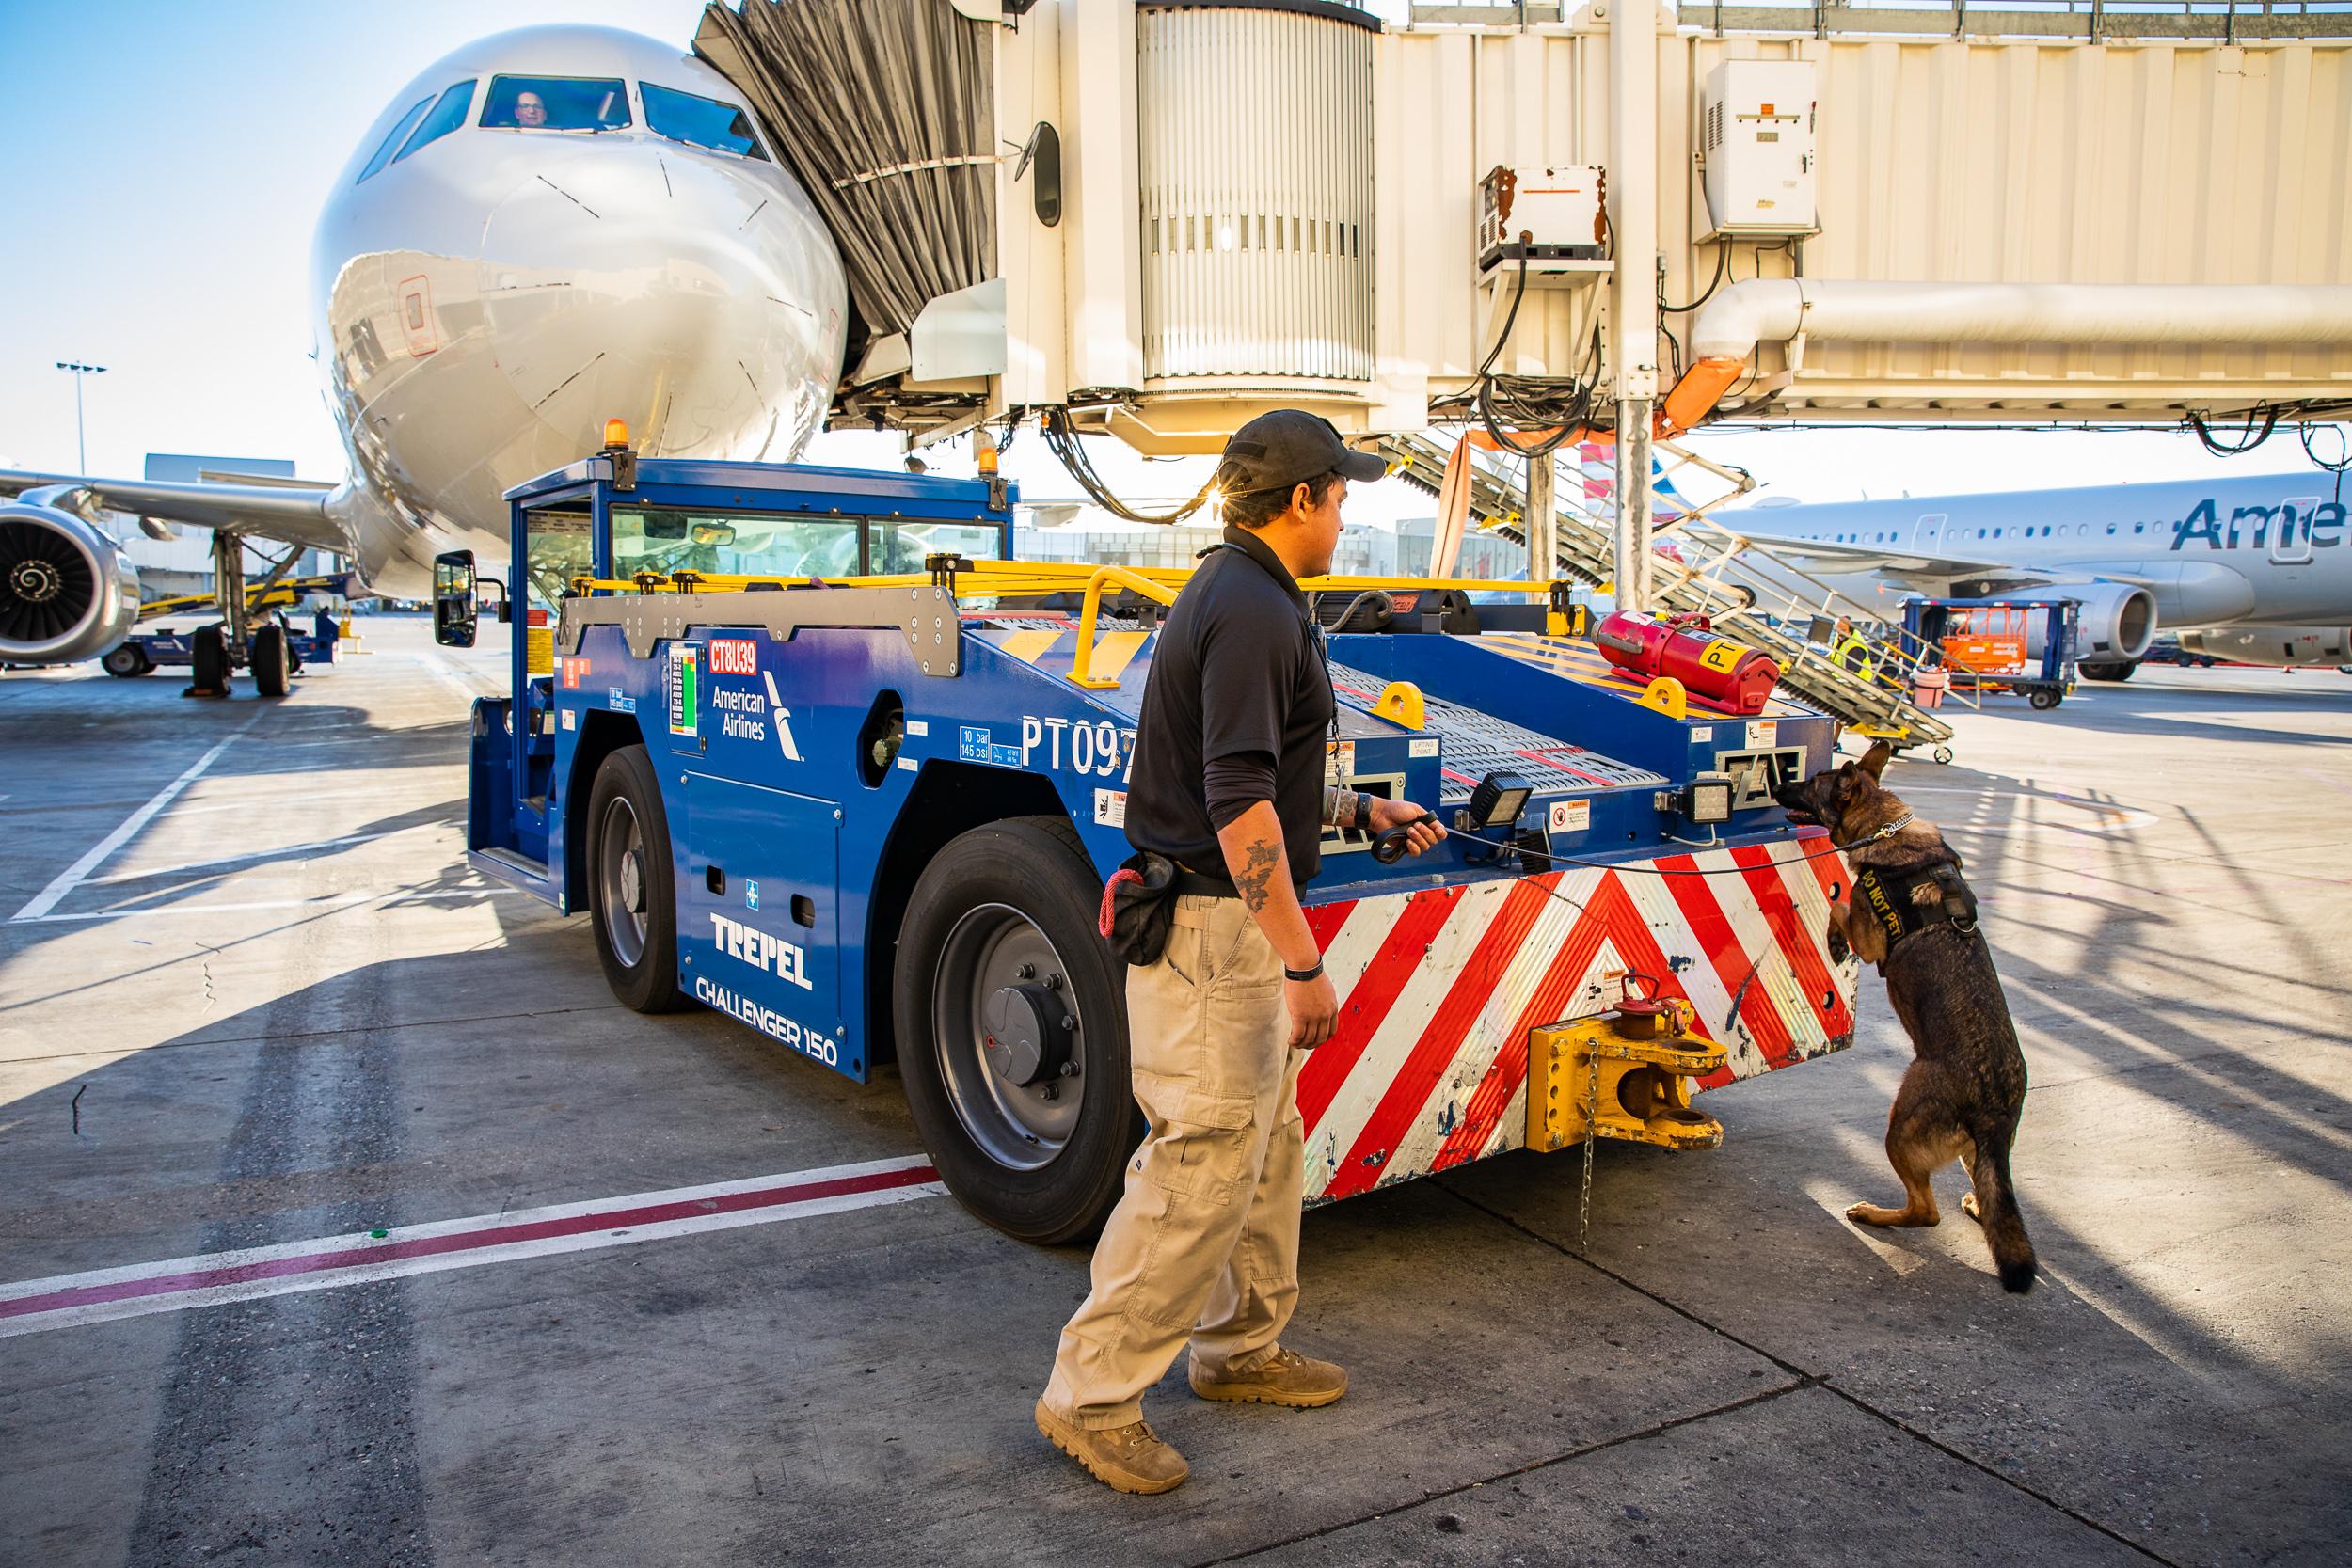 Tara Parekh TSA Canine LAX Photographs-03.jpg